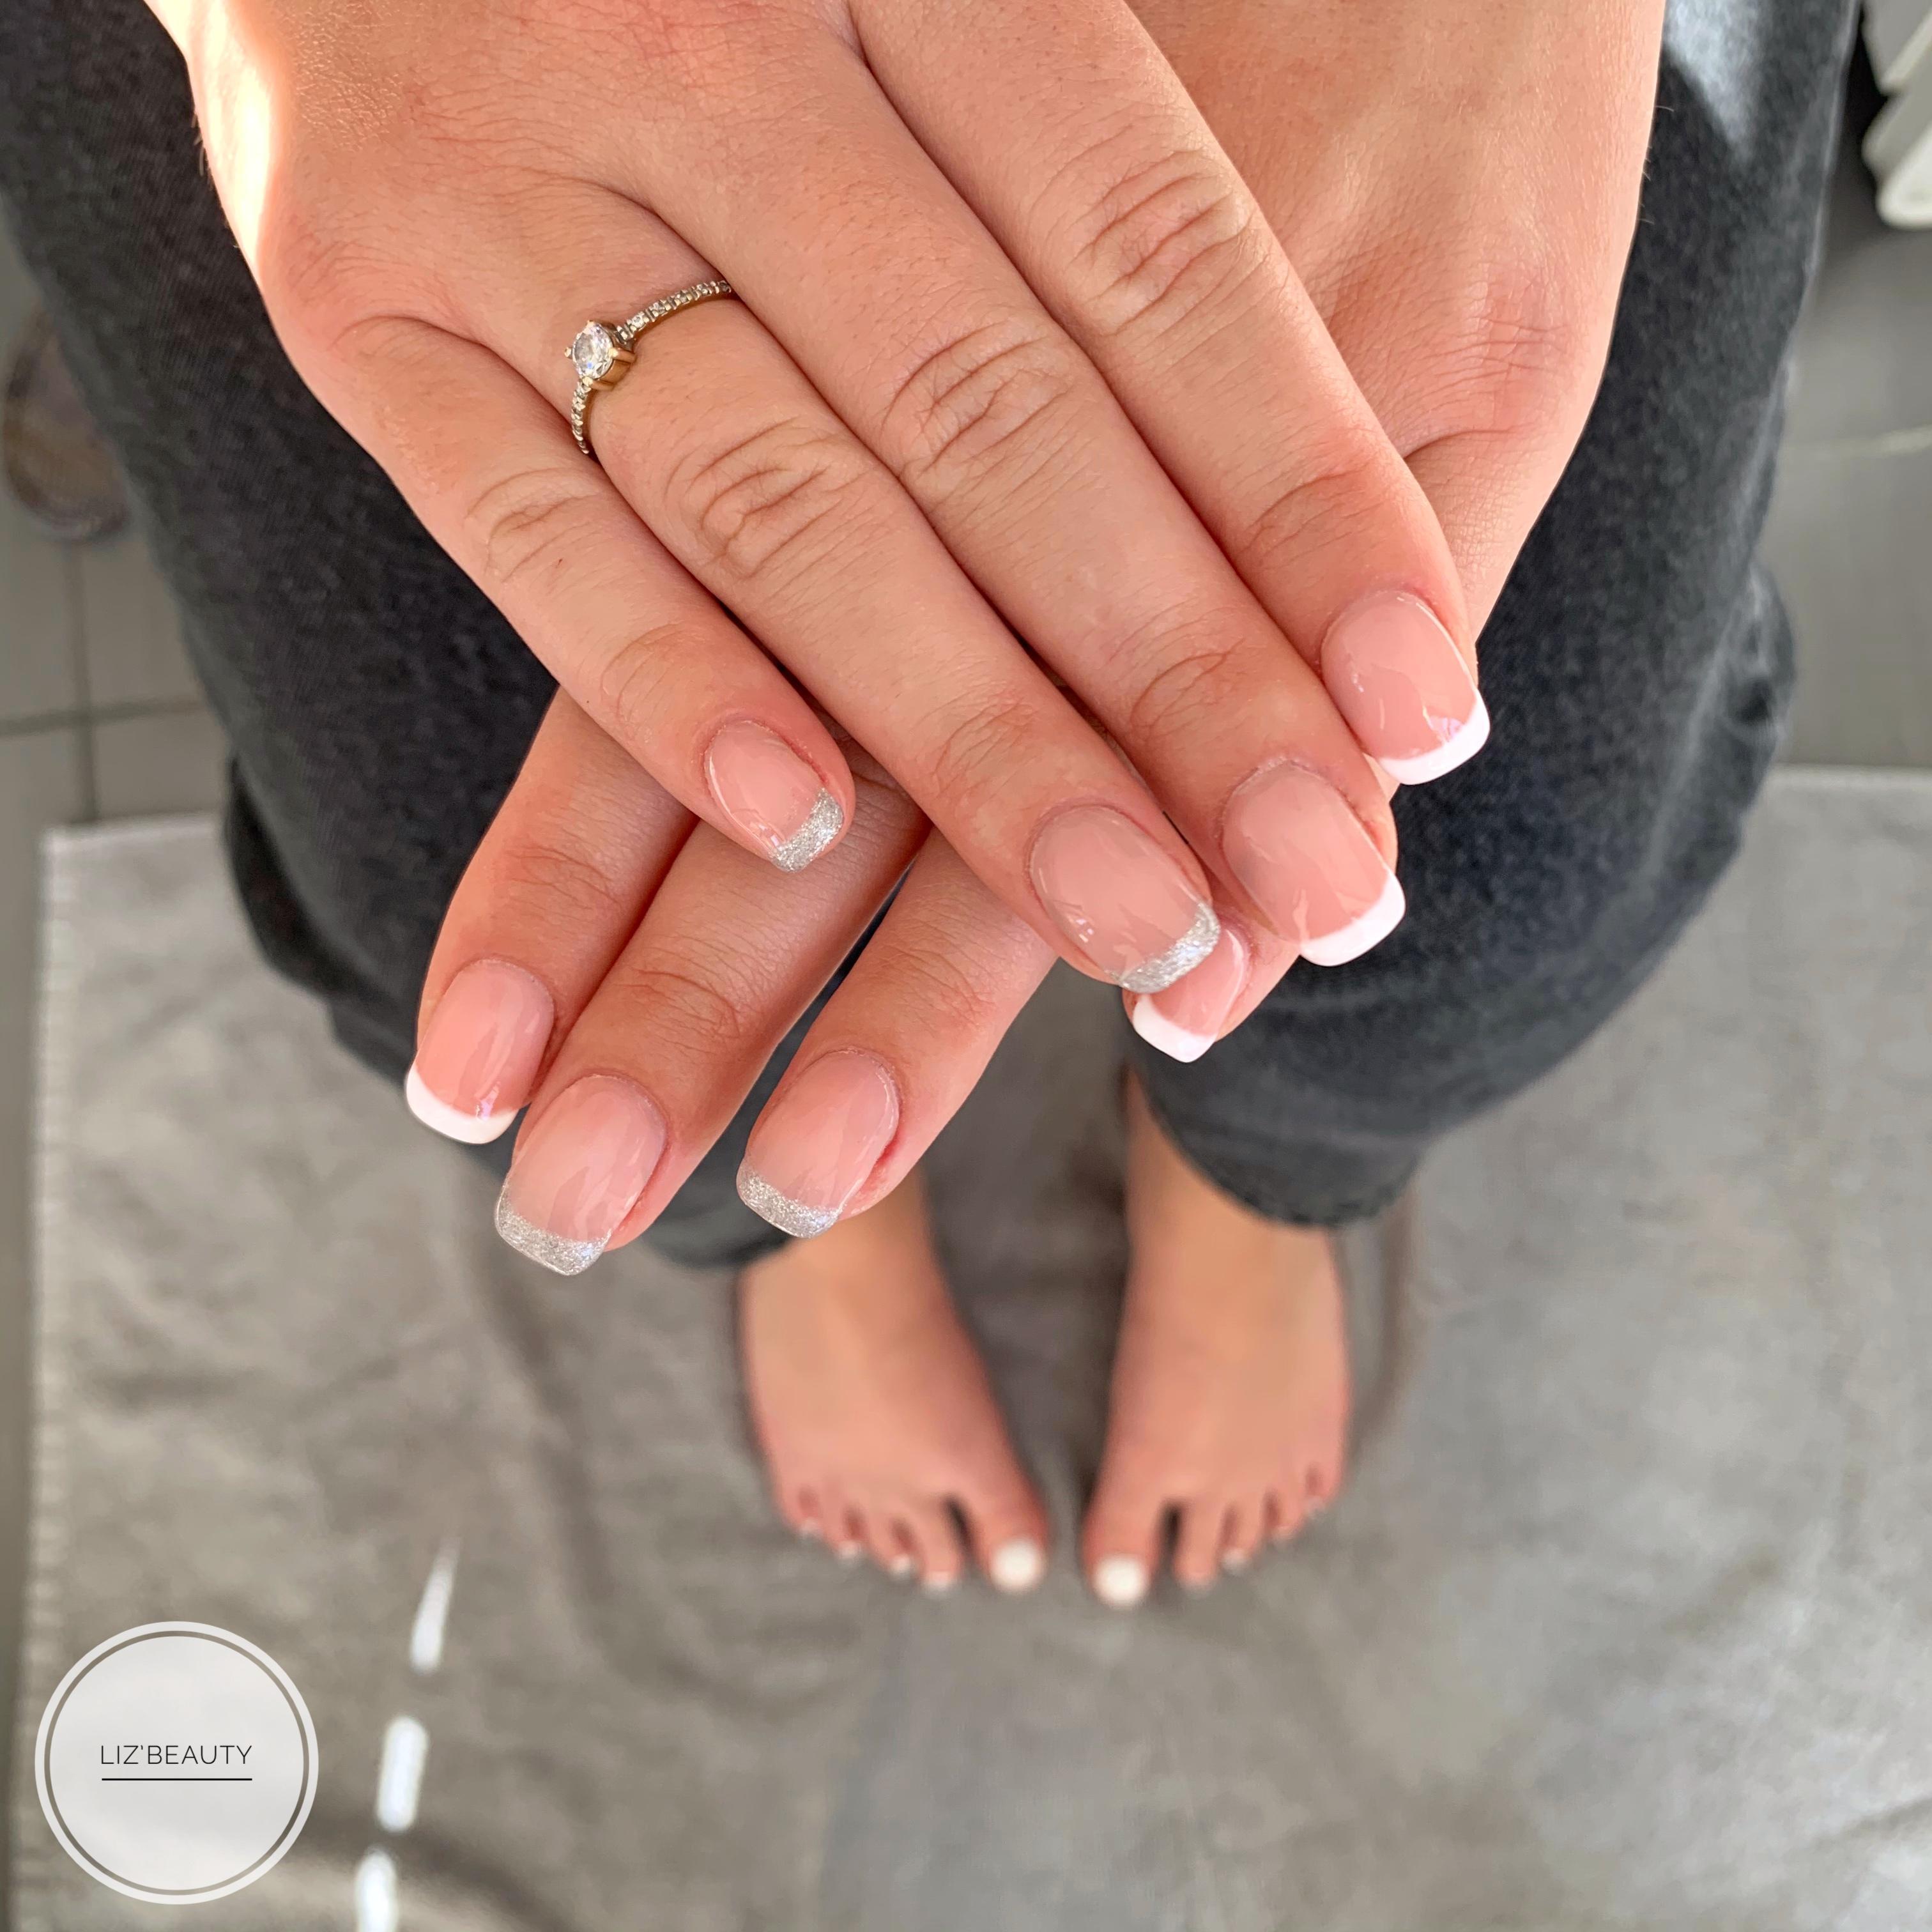 Liz'beauty - Ongles Et Cils Carpentras